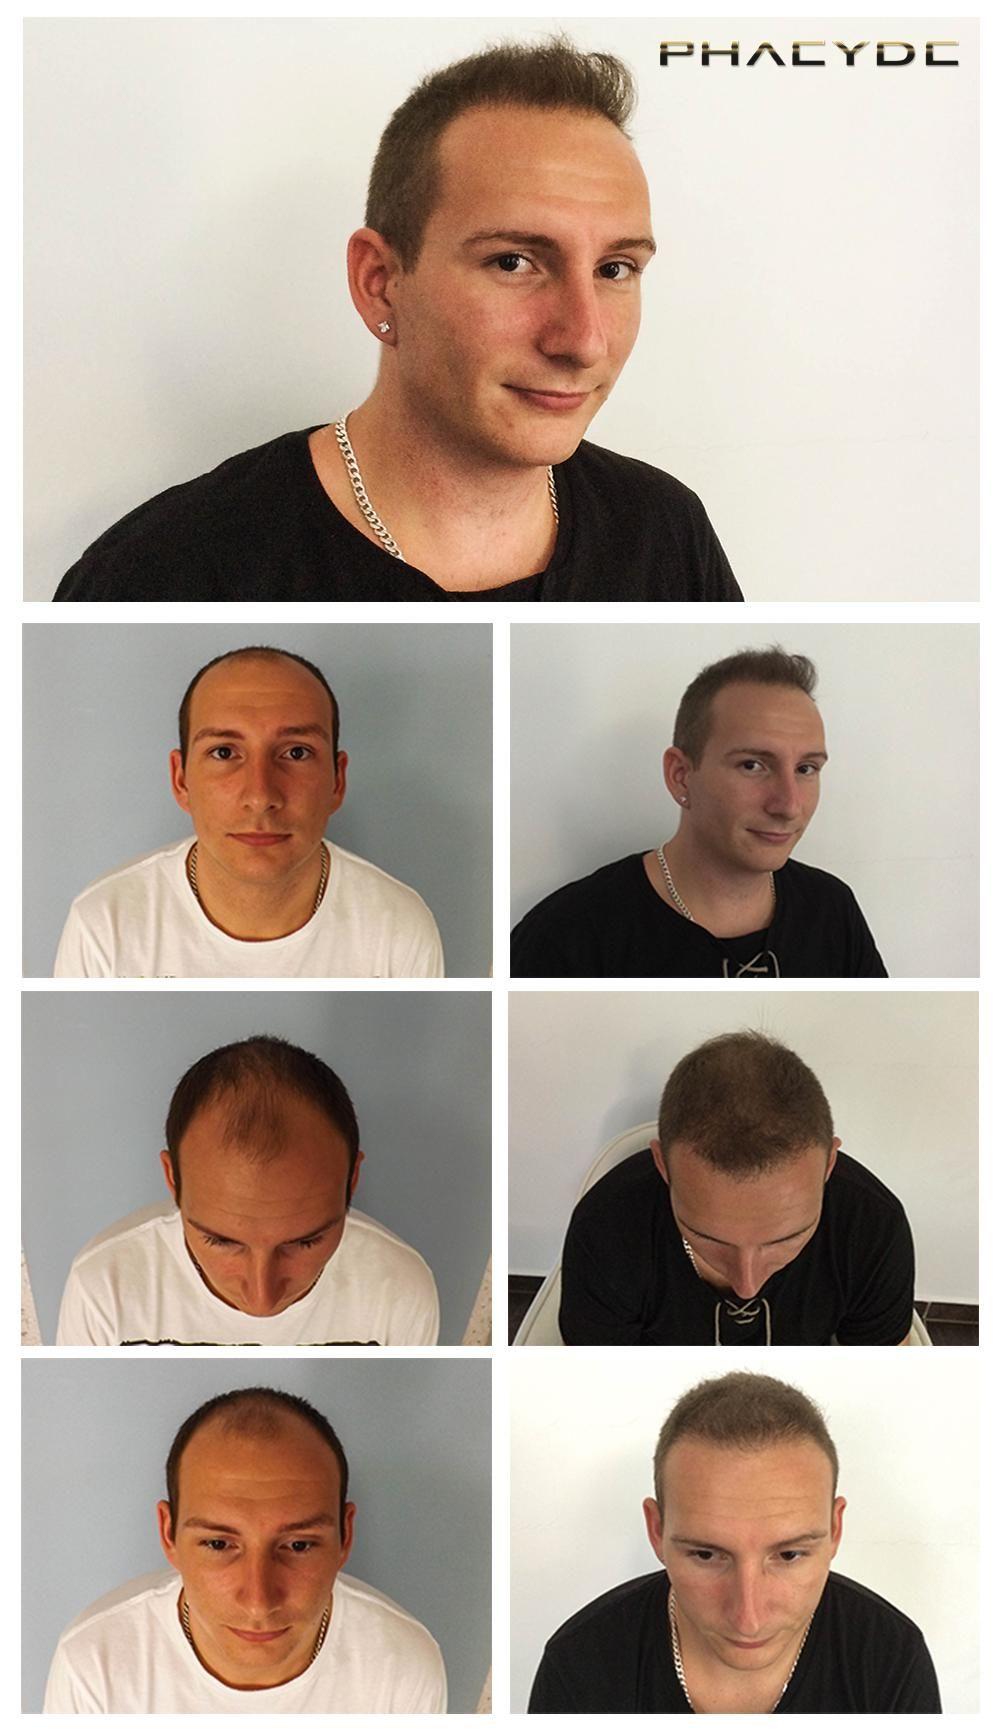 Hiusten implantti tulokset FUE hiusten siirto - PHAEYDE Klinikka  Aadam kaljuuntuva hänen temppeleitä, tai vyöhykkeitä 1,2,3. Hän tarvitsi yli 4000 hiuksia tähän hyvään tulokseen. Voisimme elinsiirron enemmän hänen luovuttajan alue, mutta hän pyysi tätä määrää. Tehnyt PHAEYDE klinikka. http://fi.phaeyde.com/hiusten-siirto